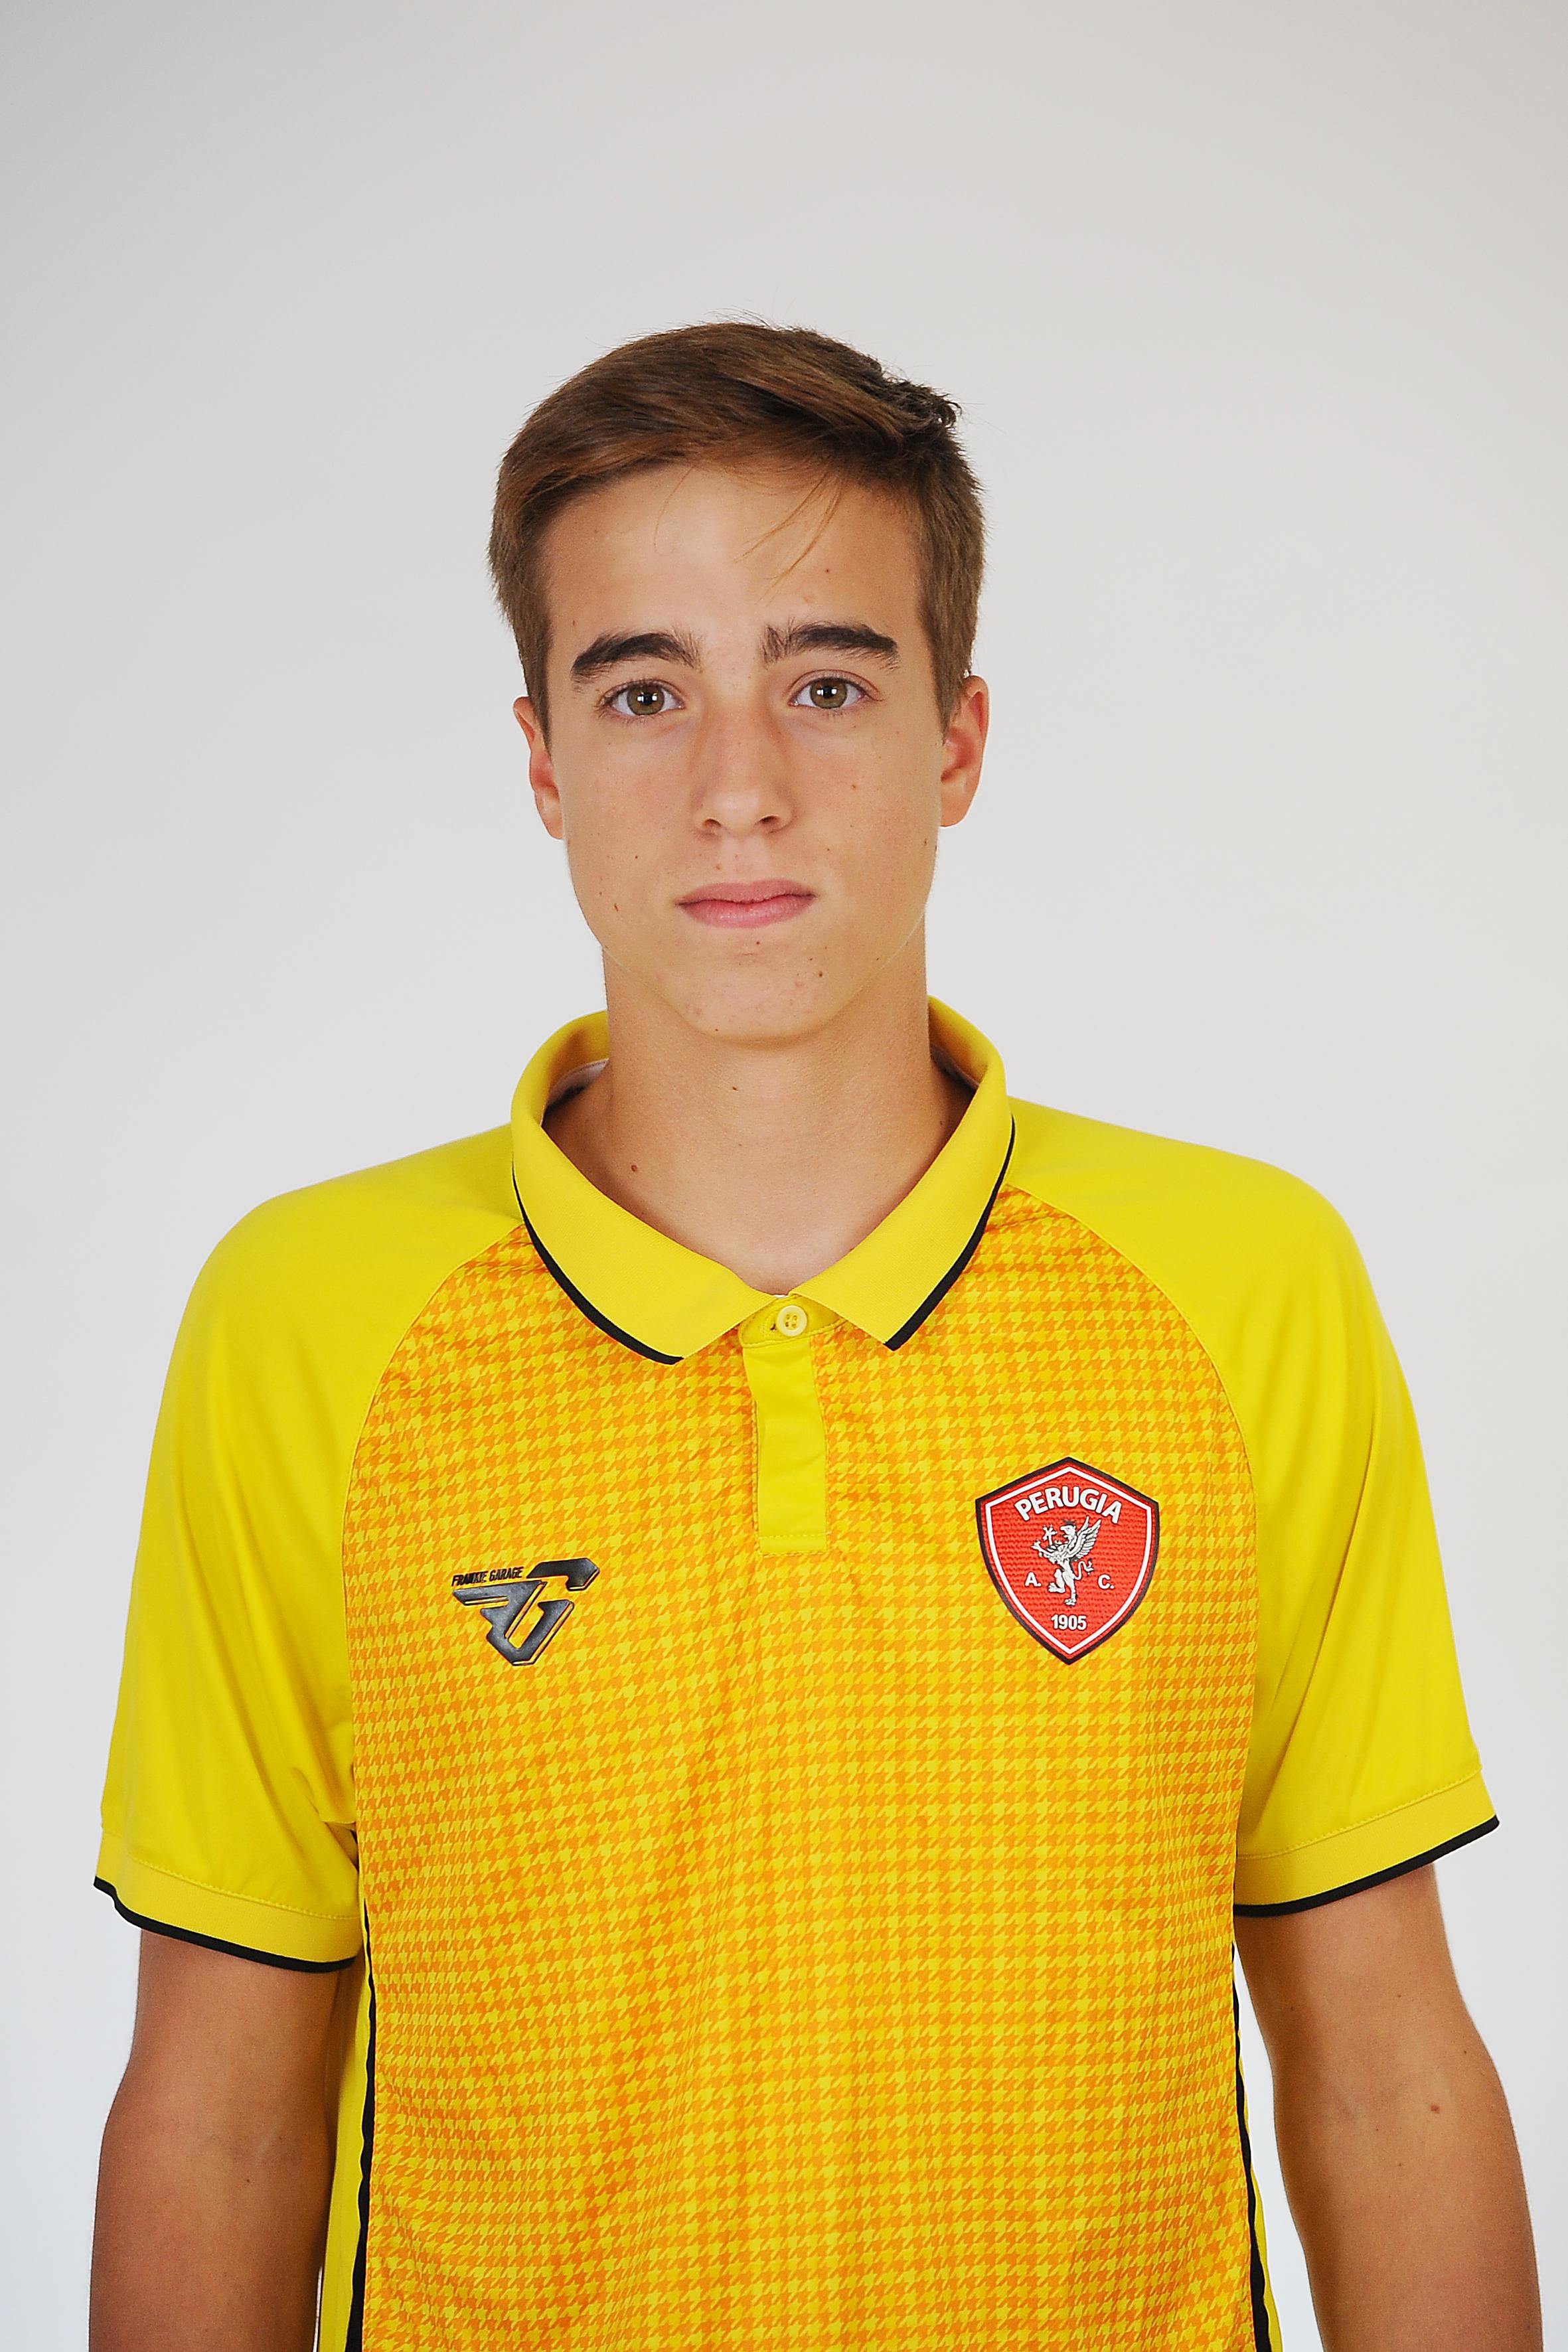 Damiano SergiacomiPortiere- A.C. Perugia Calcio